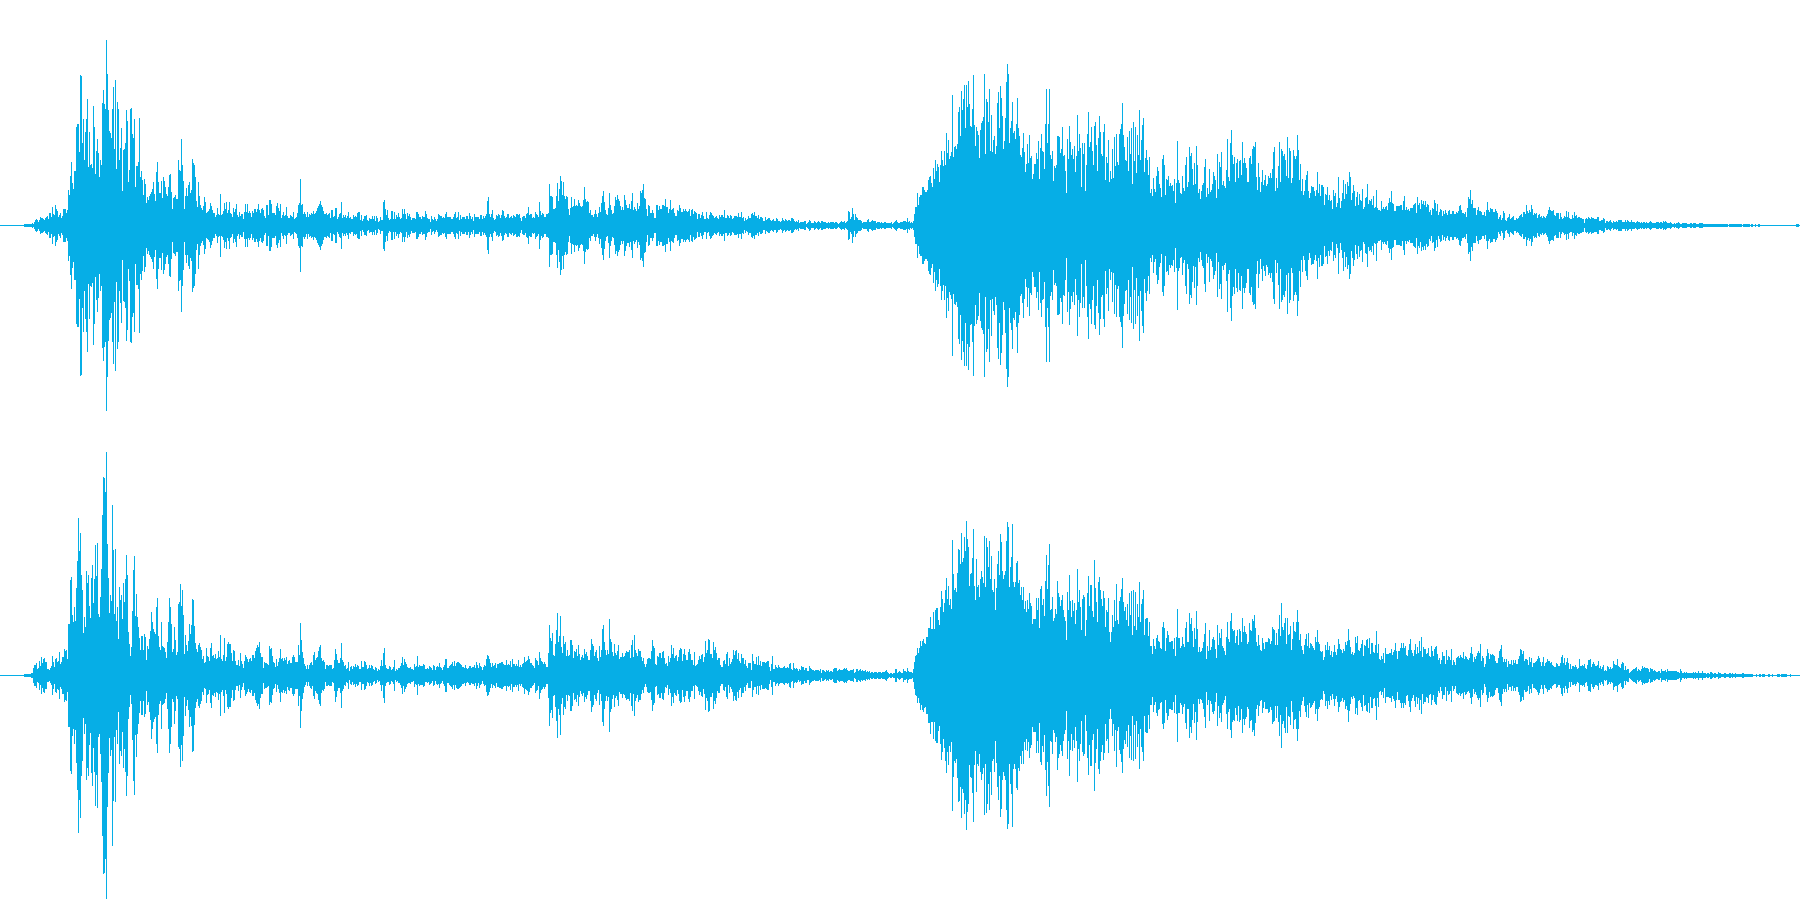 【効果音・SE】雷鳴・サンダーボルト・…の再生済みの波形